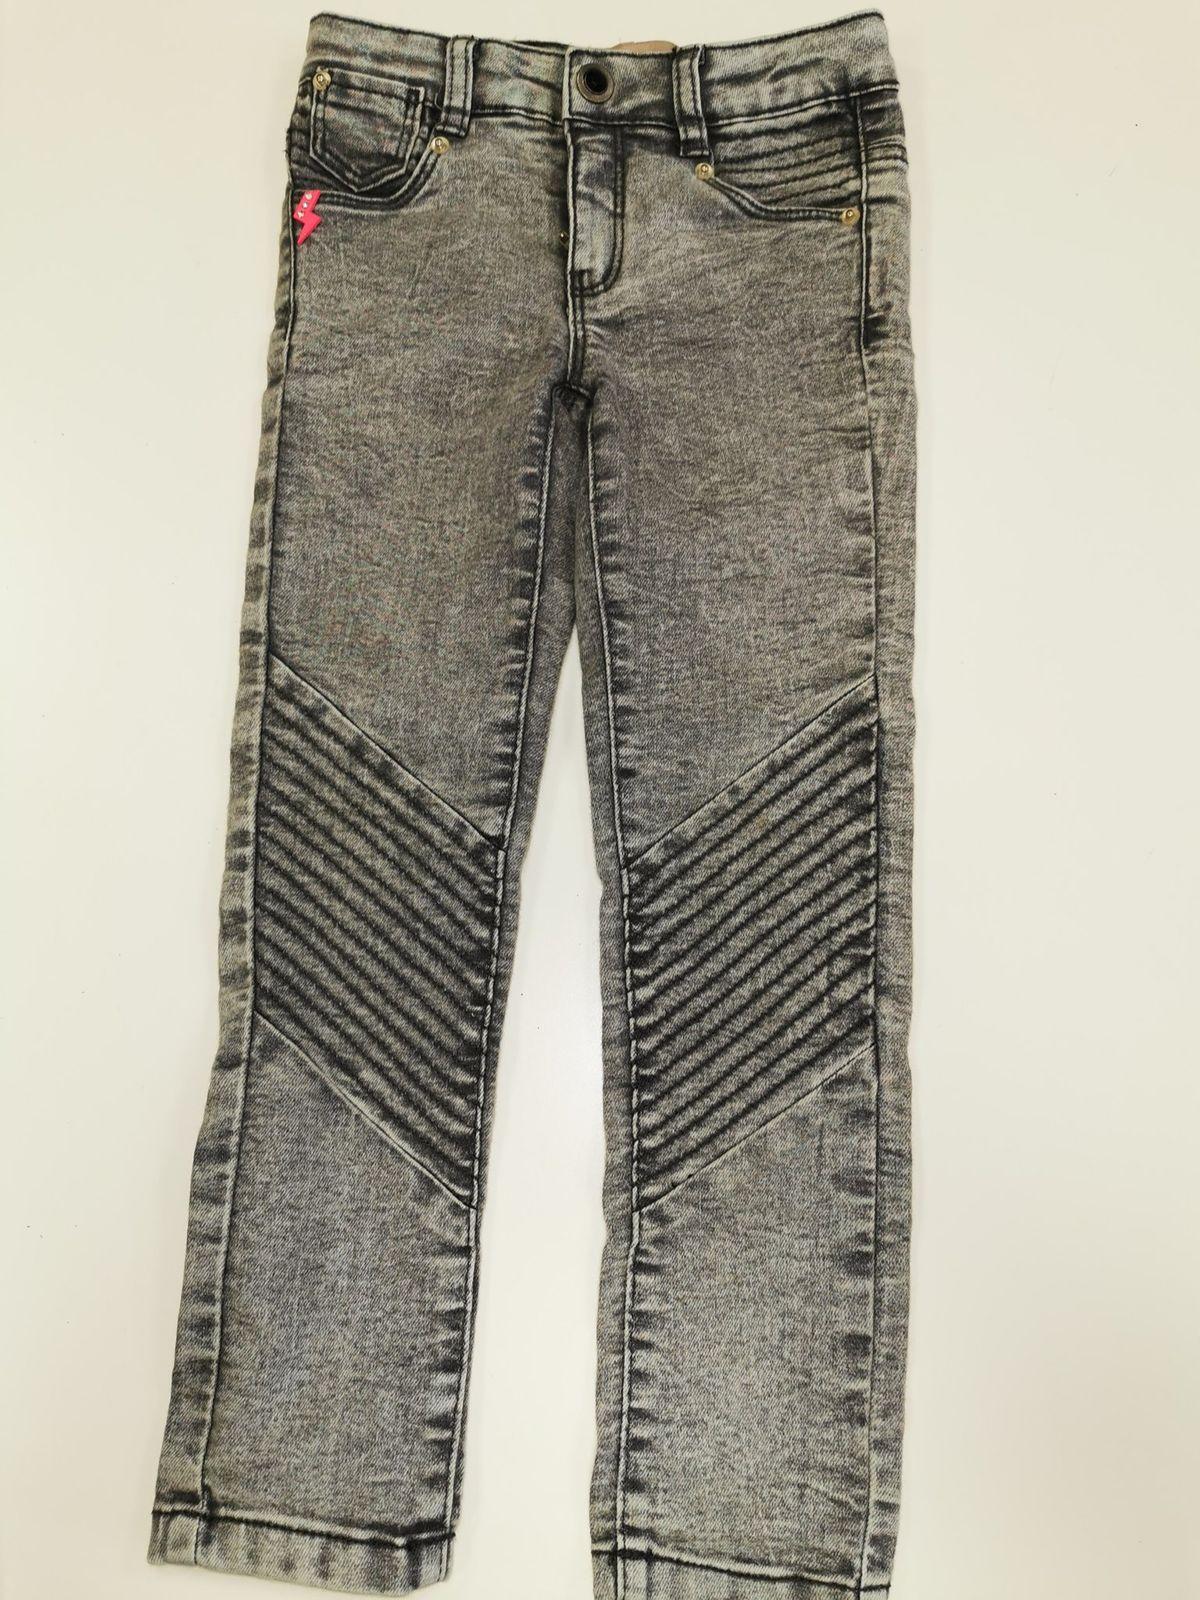 Lisa rose Pantaloni jeans elasticizzati vita regolabile  5 anni  € 11,00 9825